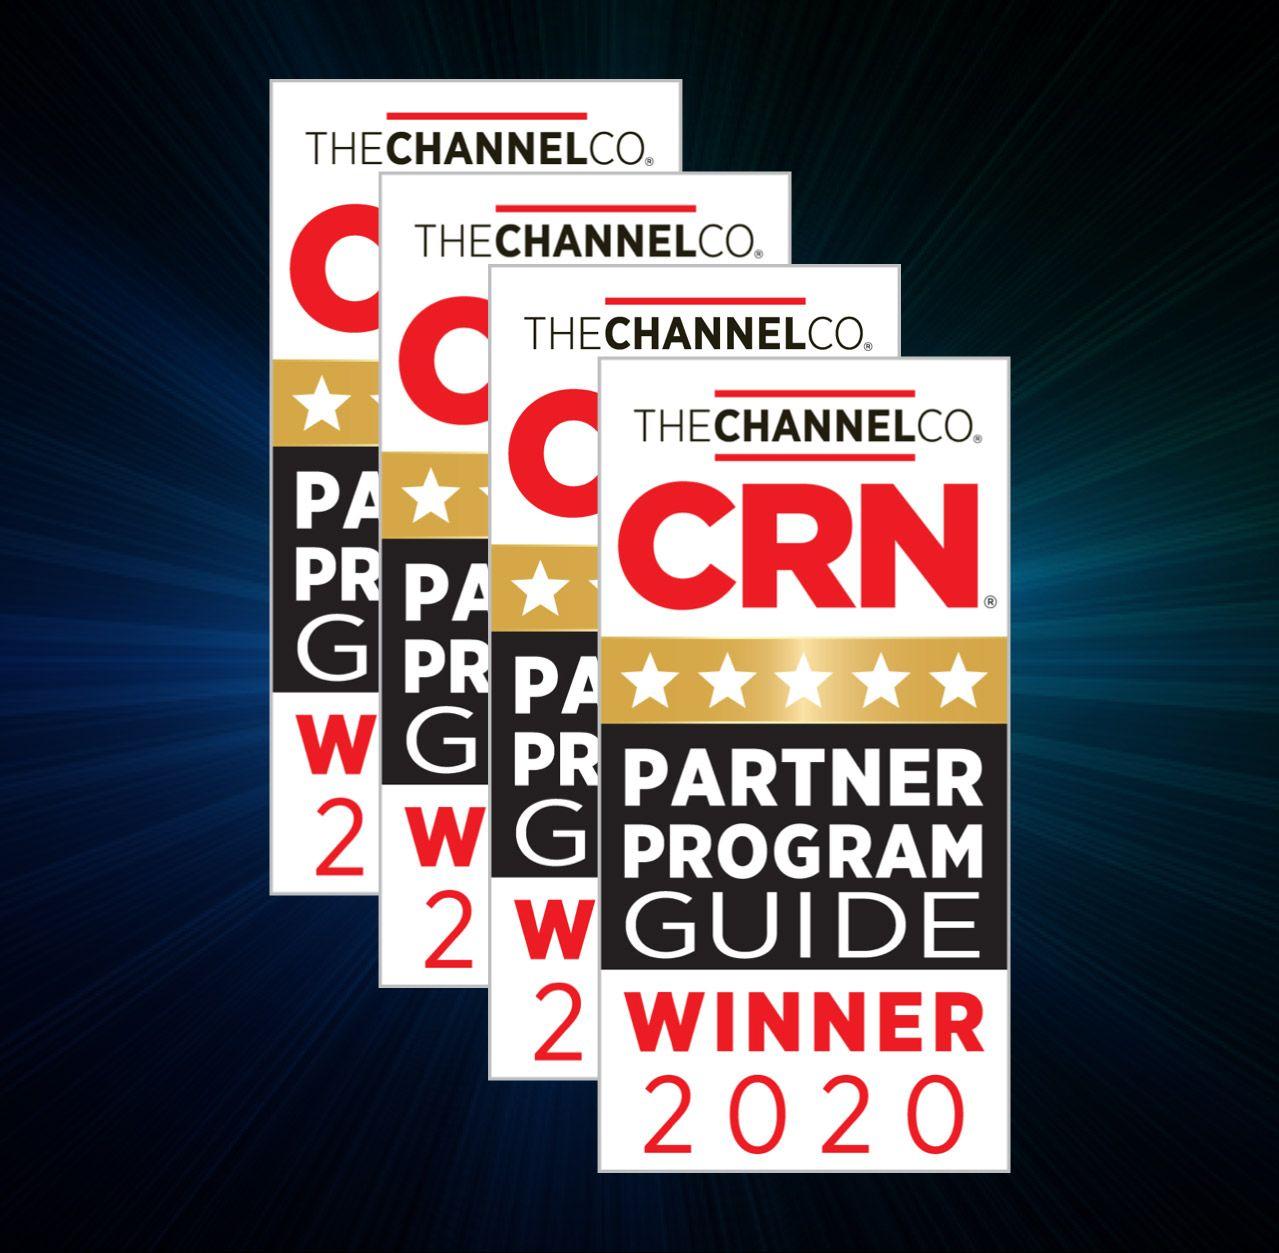 Four-Time Five-Star CRN Partner Winner